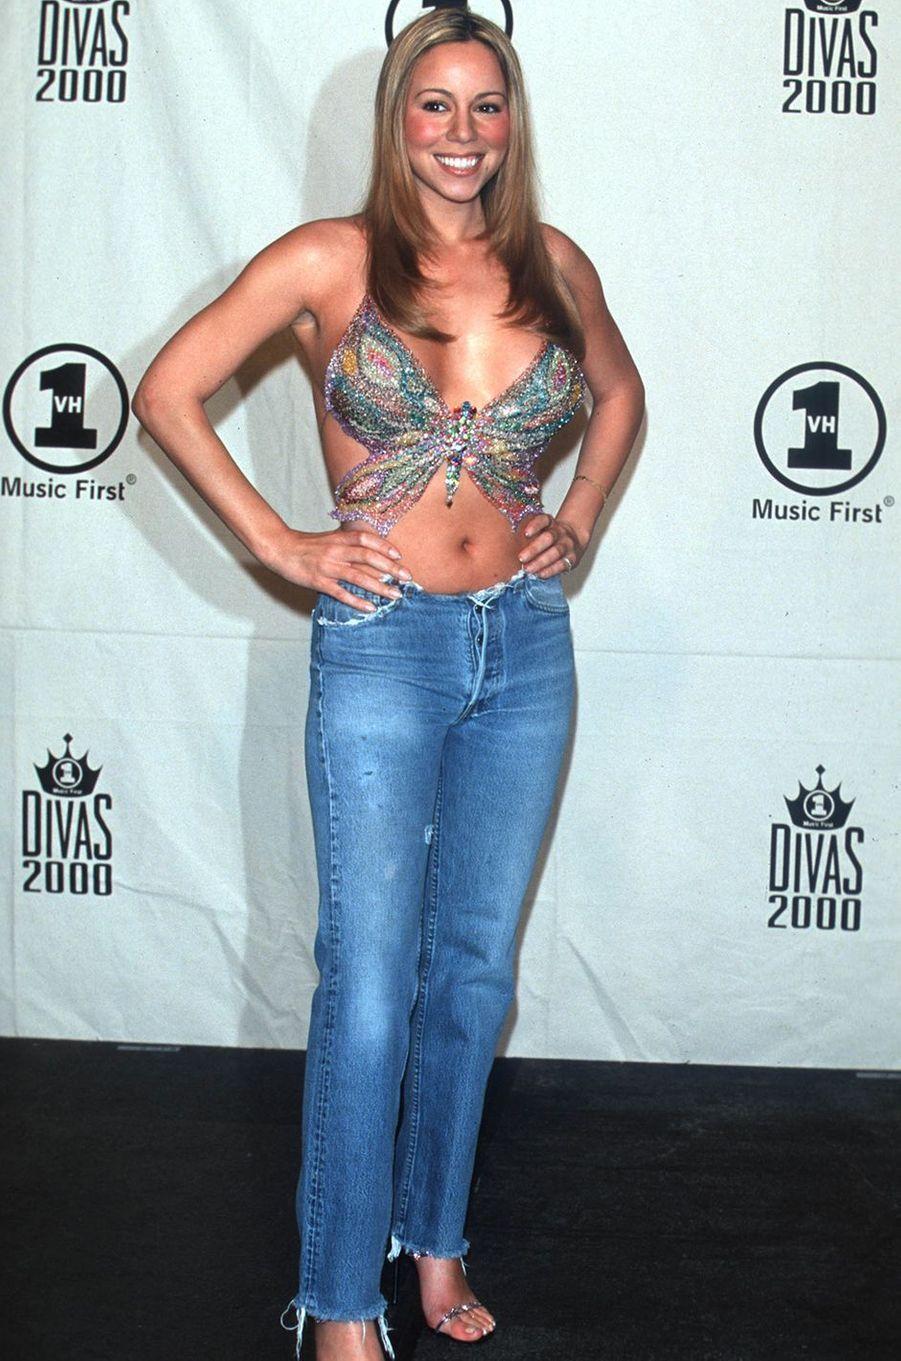 Mariah Carey lors d'une soirée à New York en avril 2000